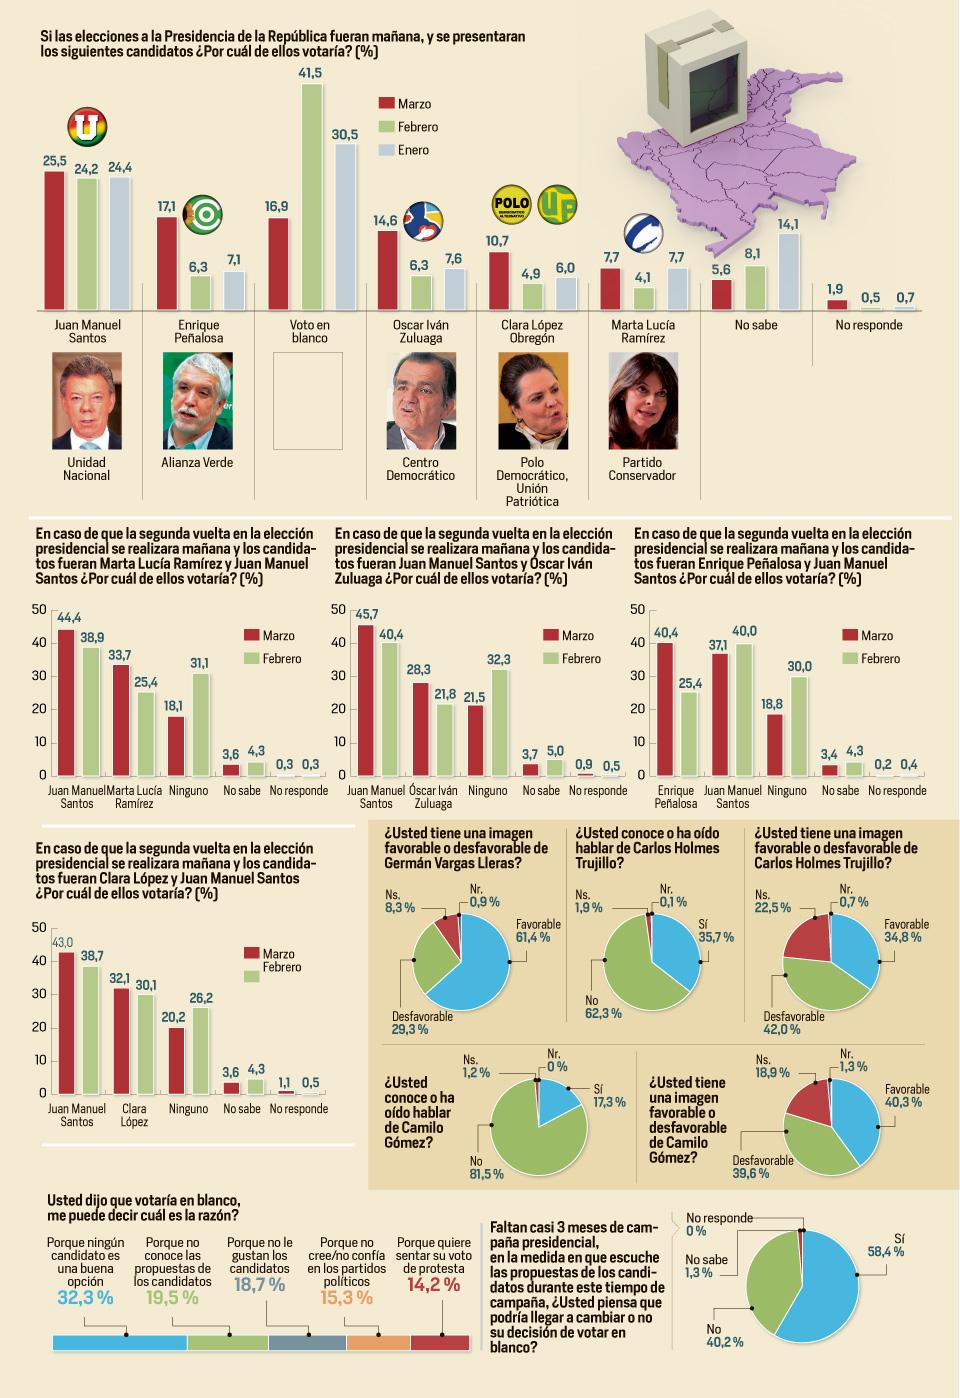 Tercera gran encuesta para las elecciones presidenciales 2014